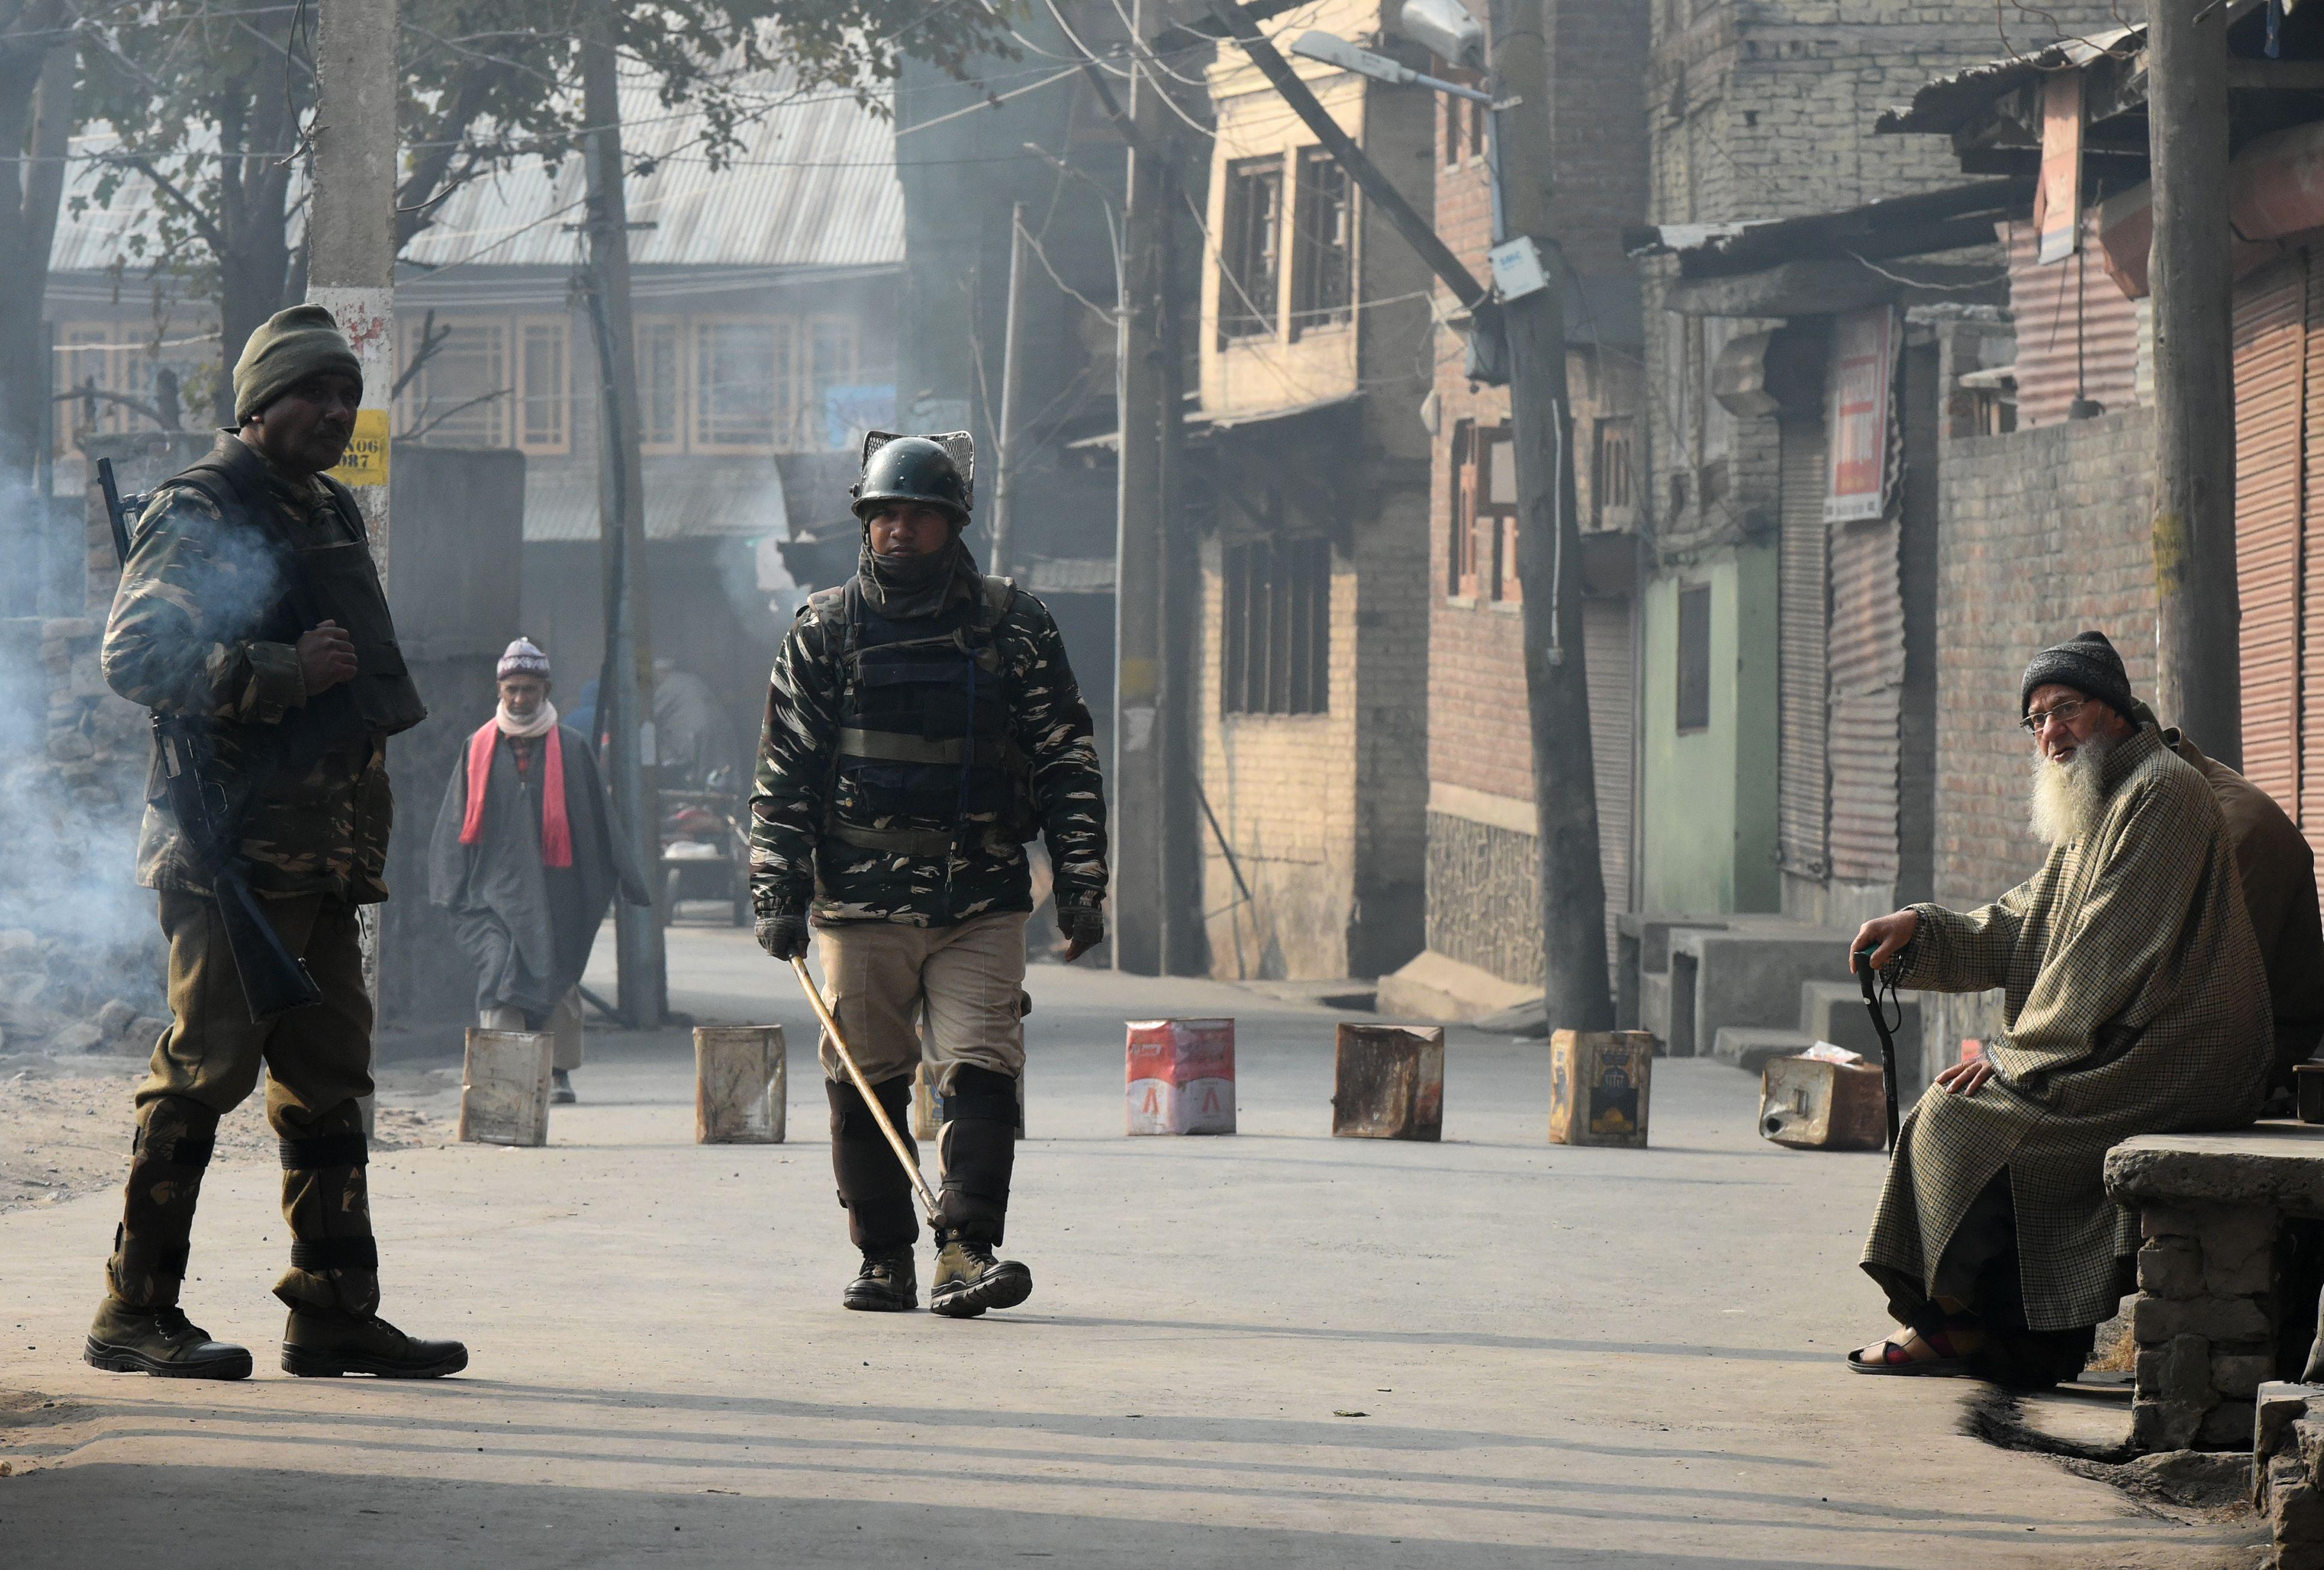 اشتباكات فى الهند مع المتظاهرين